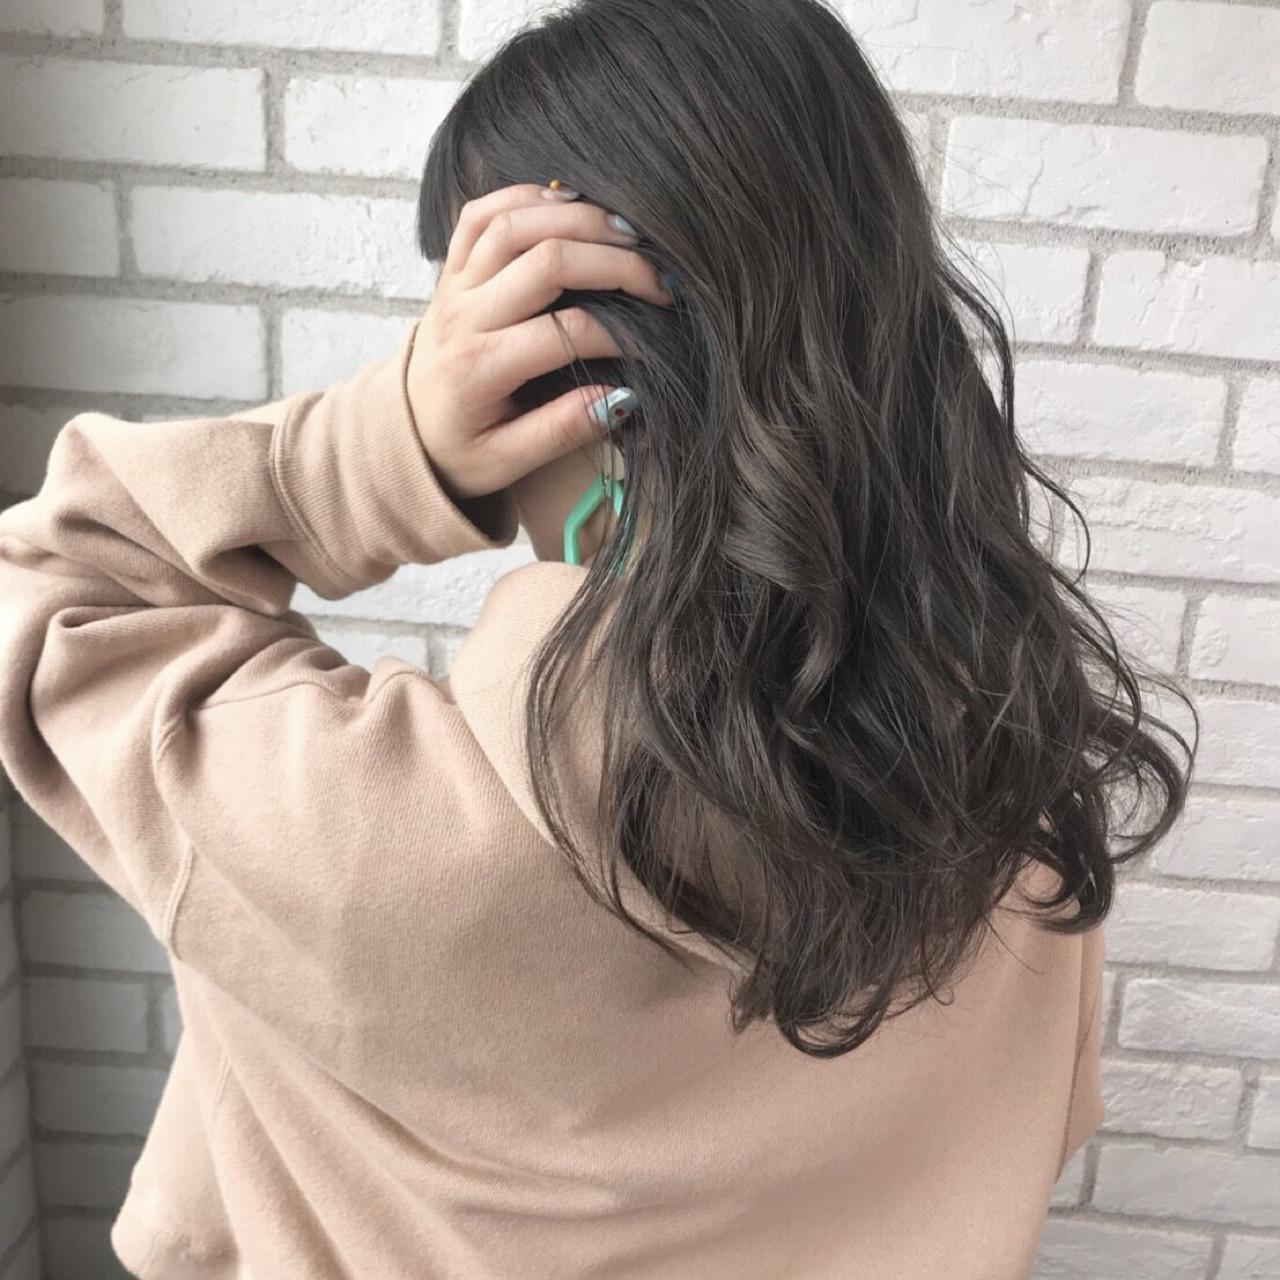 マットグレージュ ?  赤み消したい方はぜひ! 髪が固めの方は柔らかい質感になるのでおススメです!  ________________________  blanc pierre  ブランピエール 恵比寿駅 東口 徒歩5分 cut ¥6,000 color ¥8,700〜 hair set ¥2,980   Instagram ? tsushimakanami